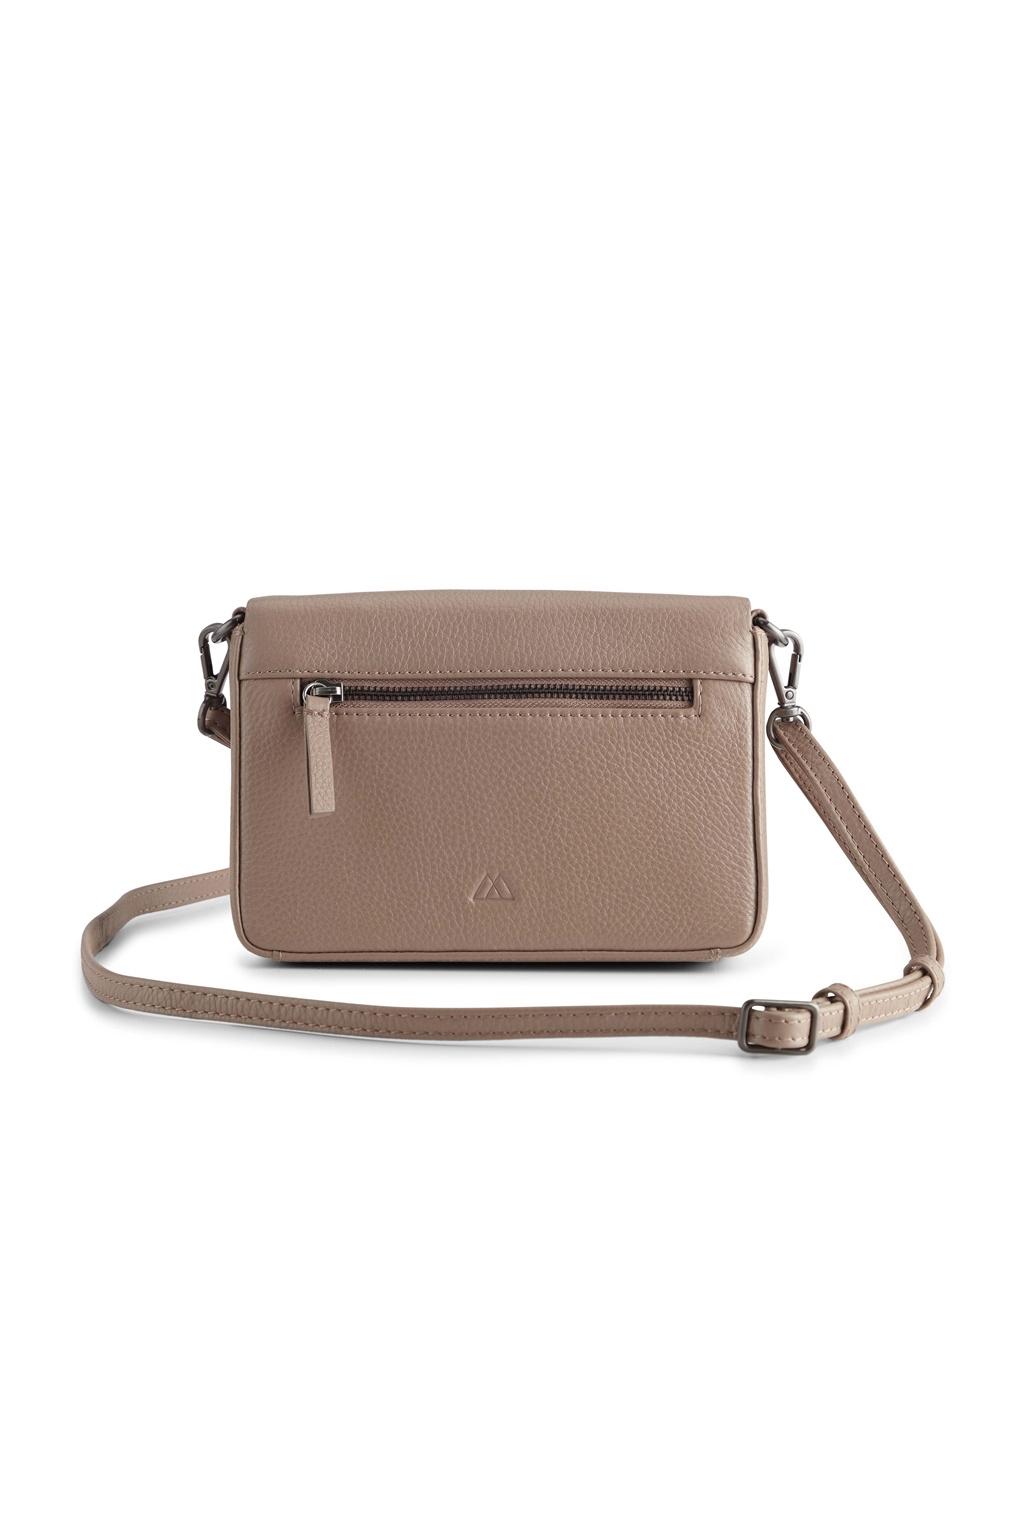 Vanya Crossbody Bag Grain - Latte-4